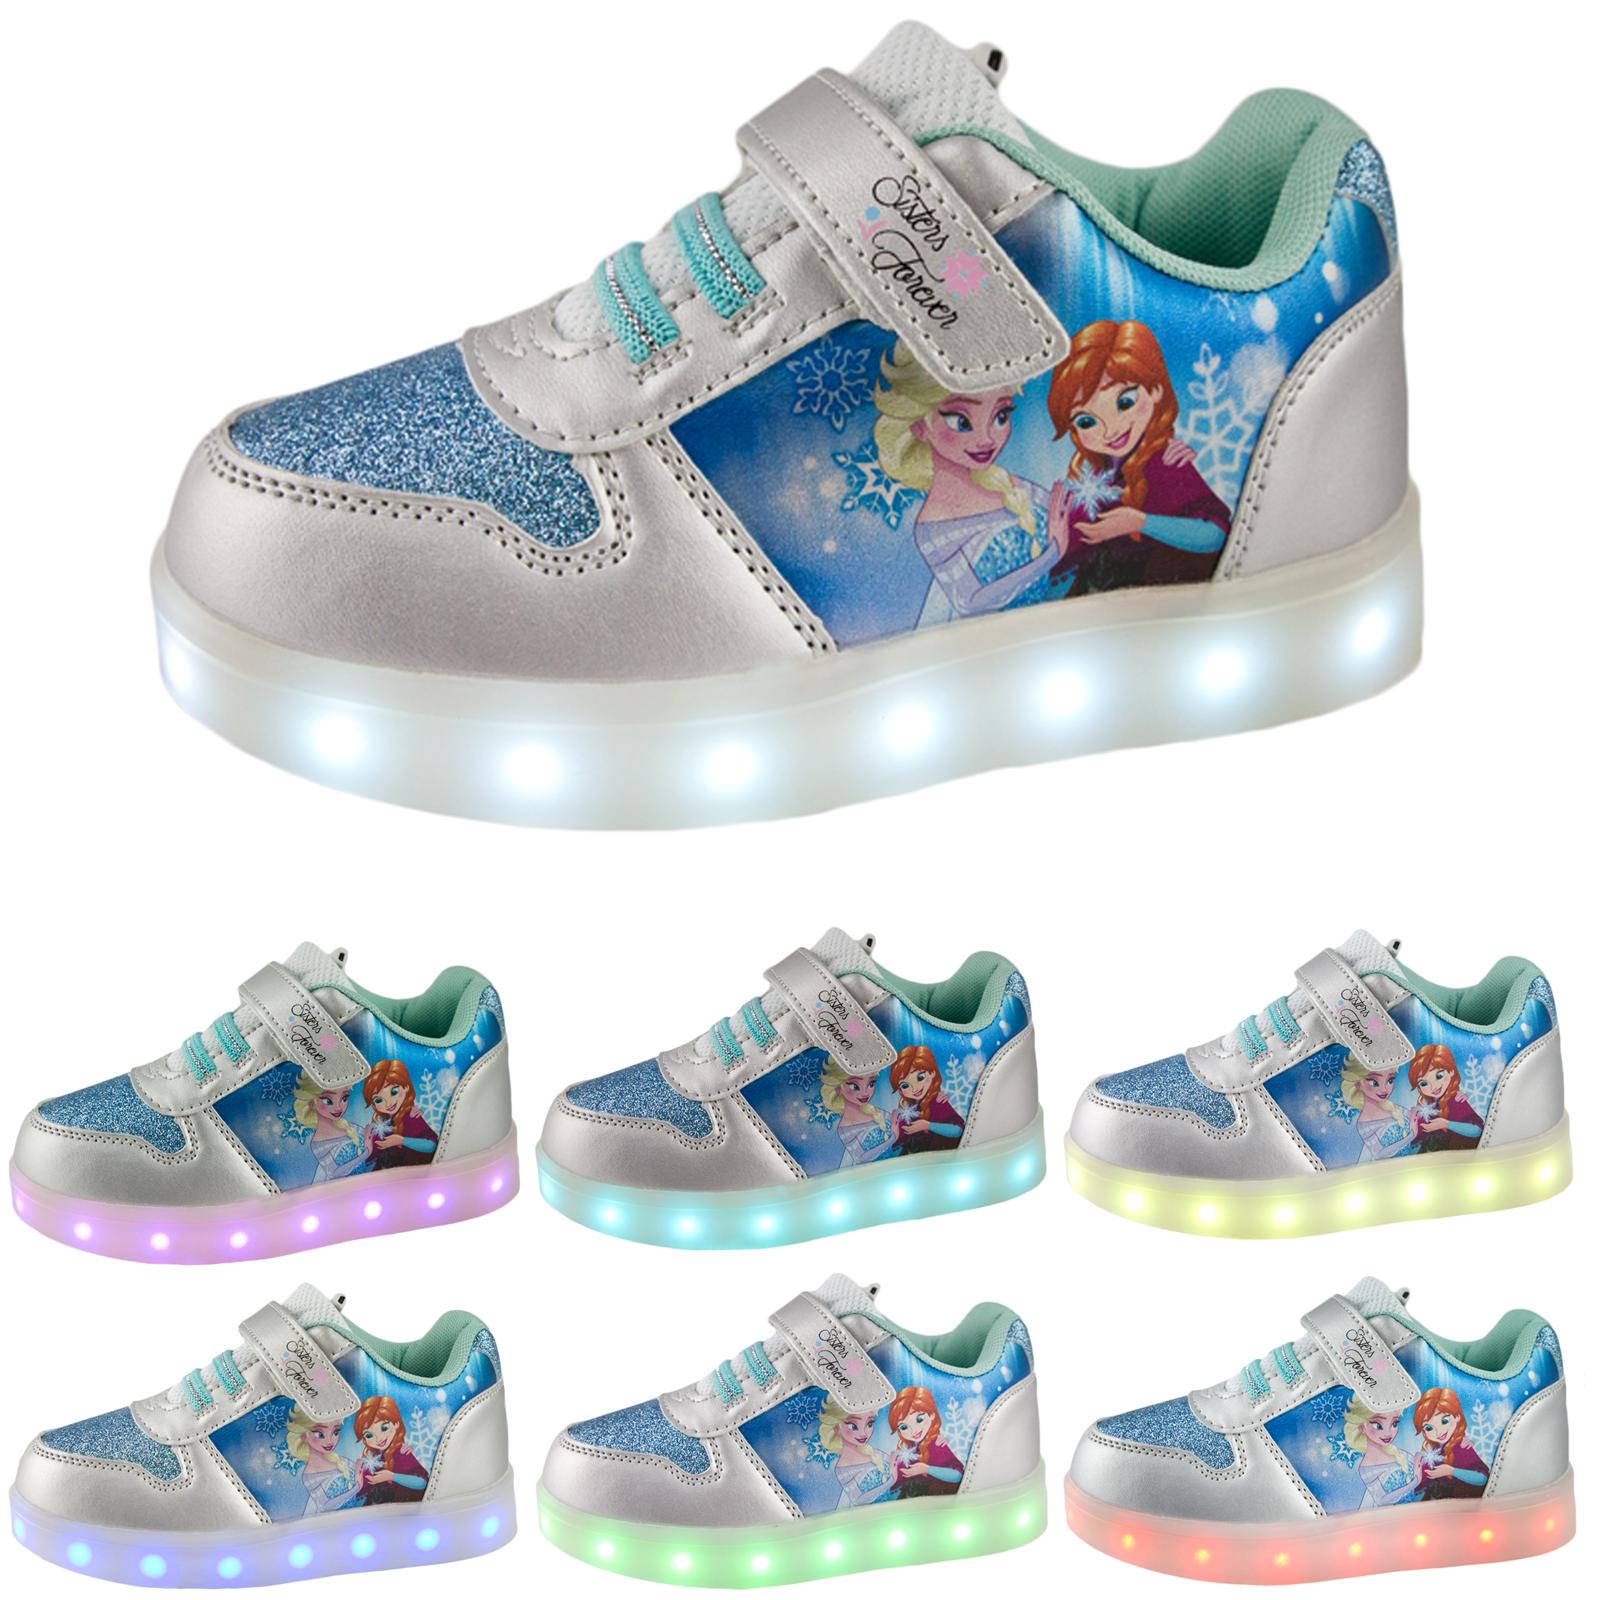 Frozen Elsa Light Up Shoes Uk